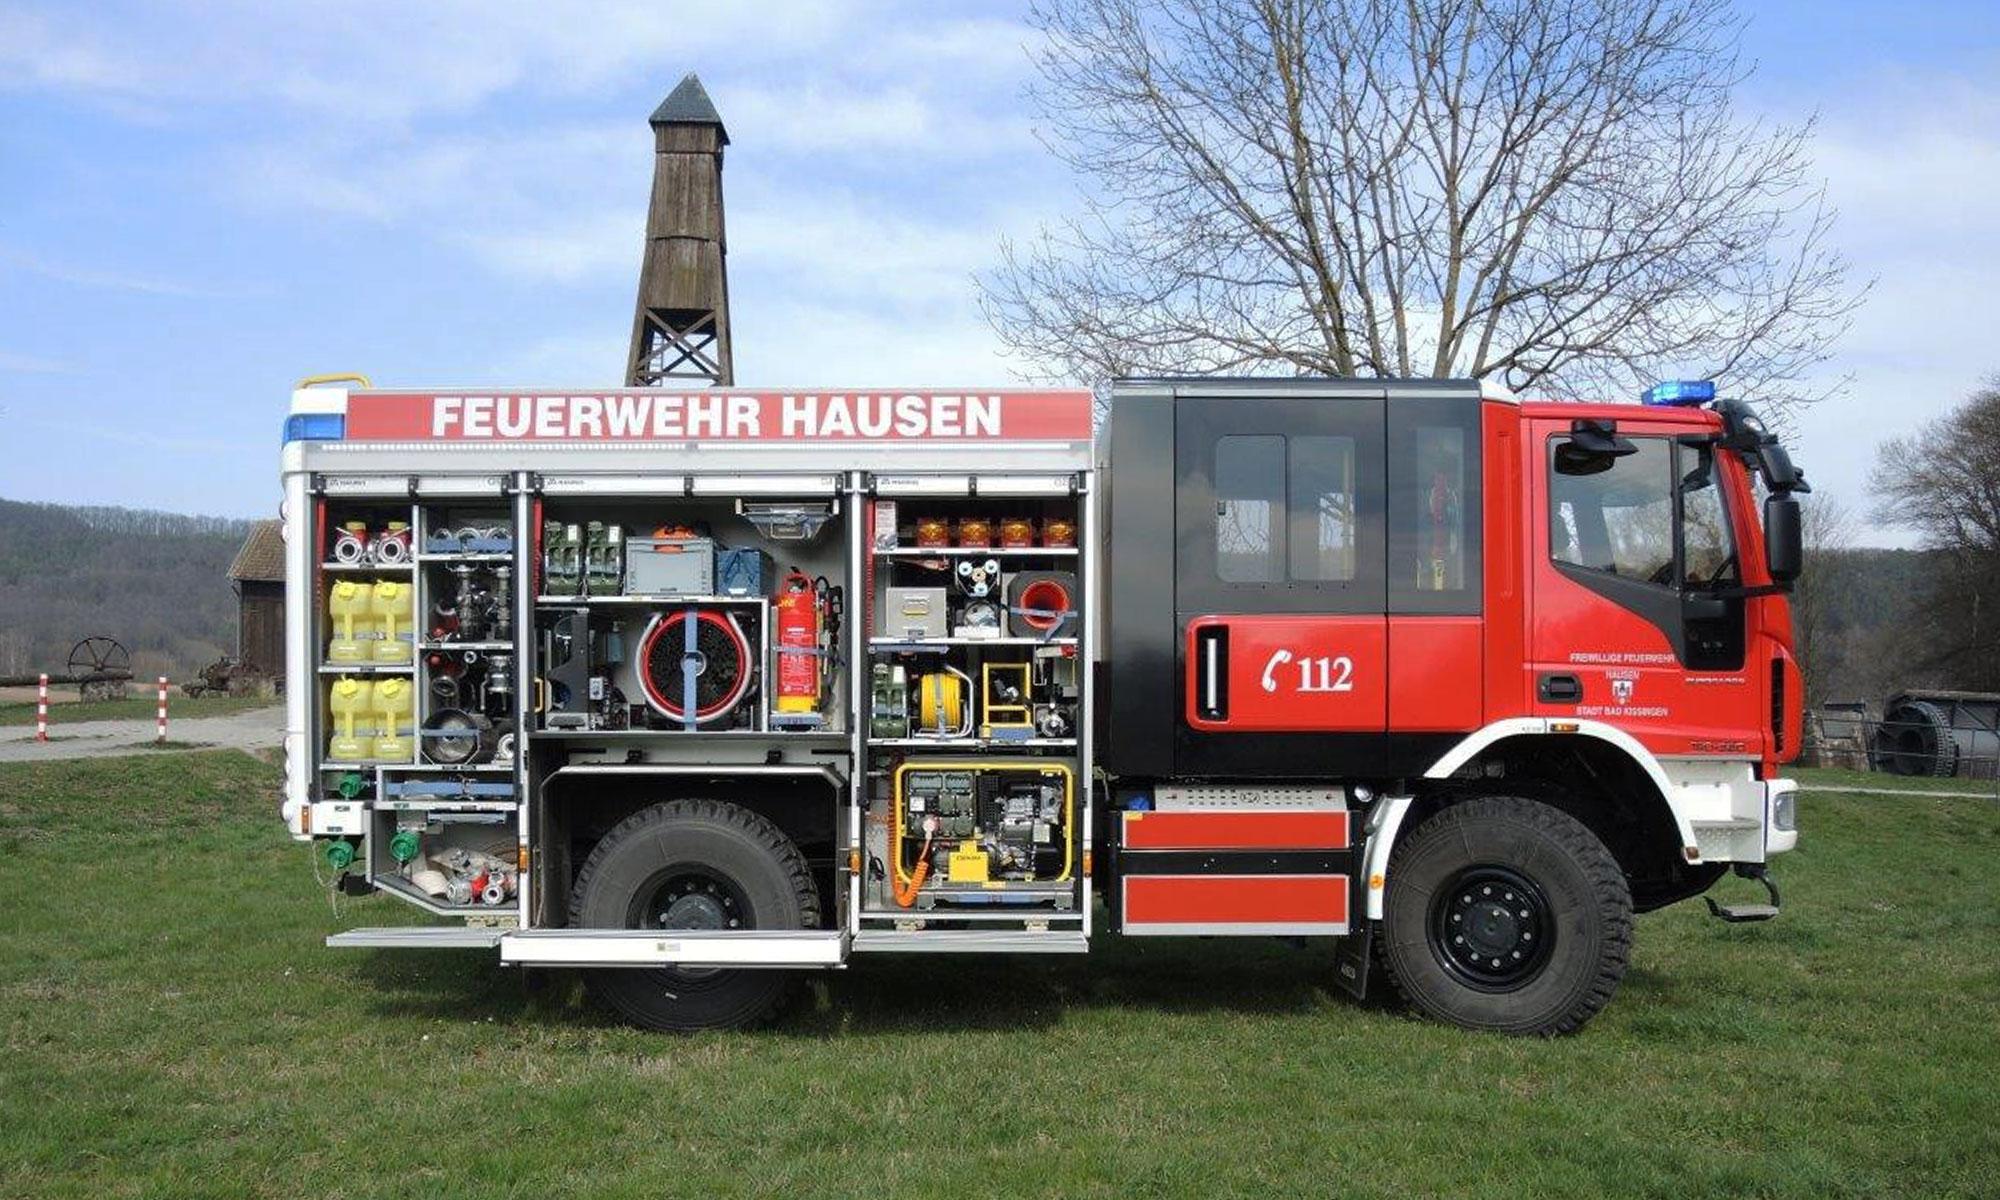 Das Highlight der Ausstattung der Freiwilligen Feuerwehr Hausen ist das Feuerwehrauto LF20 KATS 41/1.